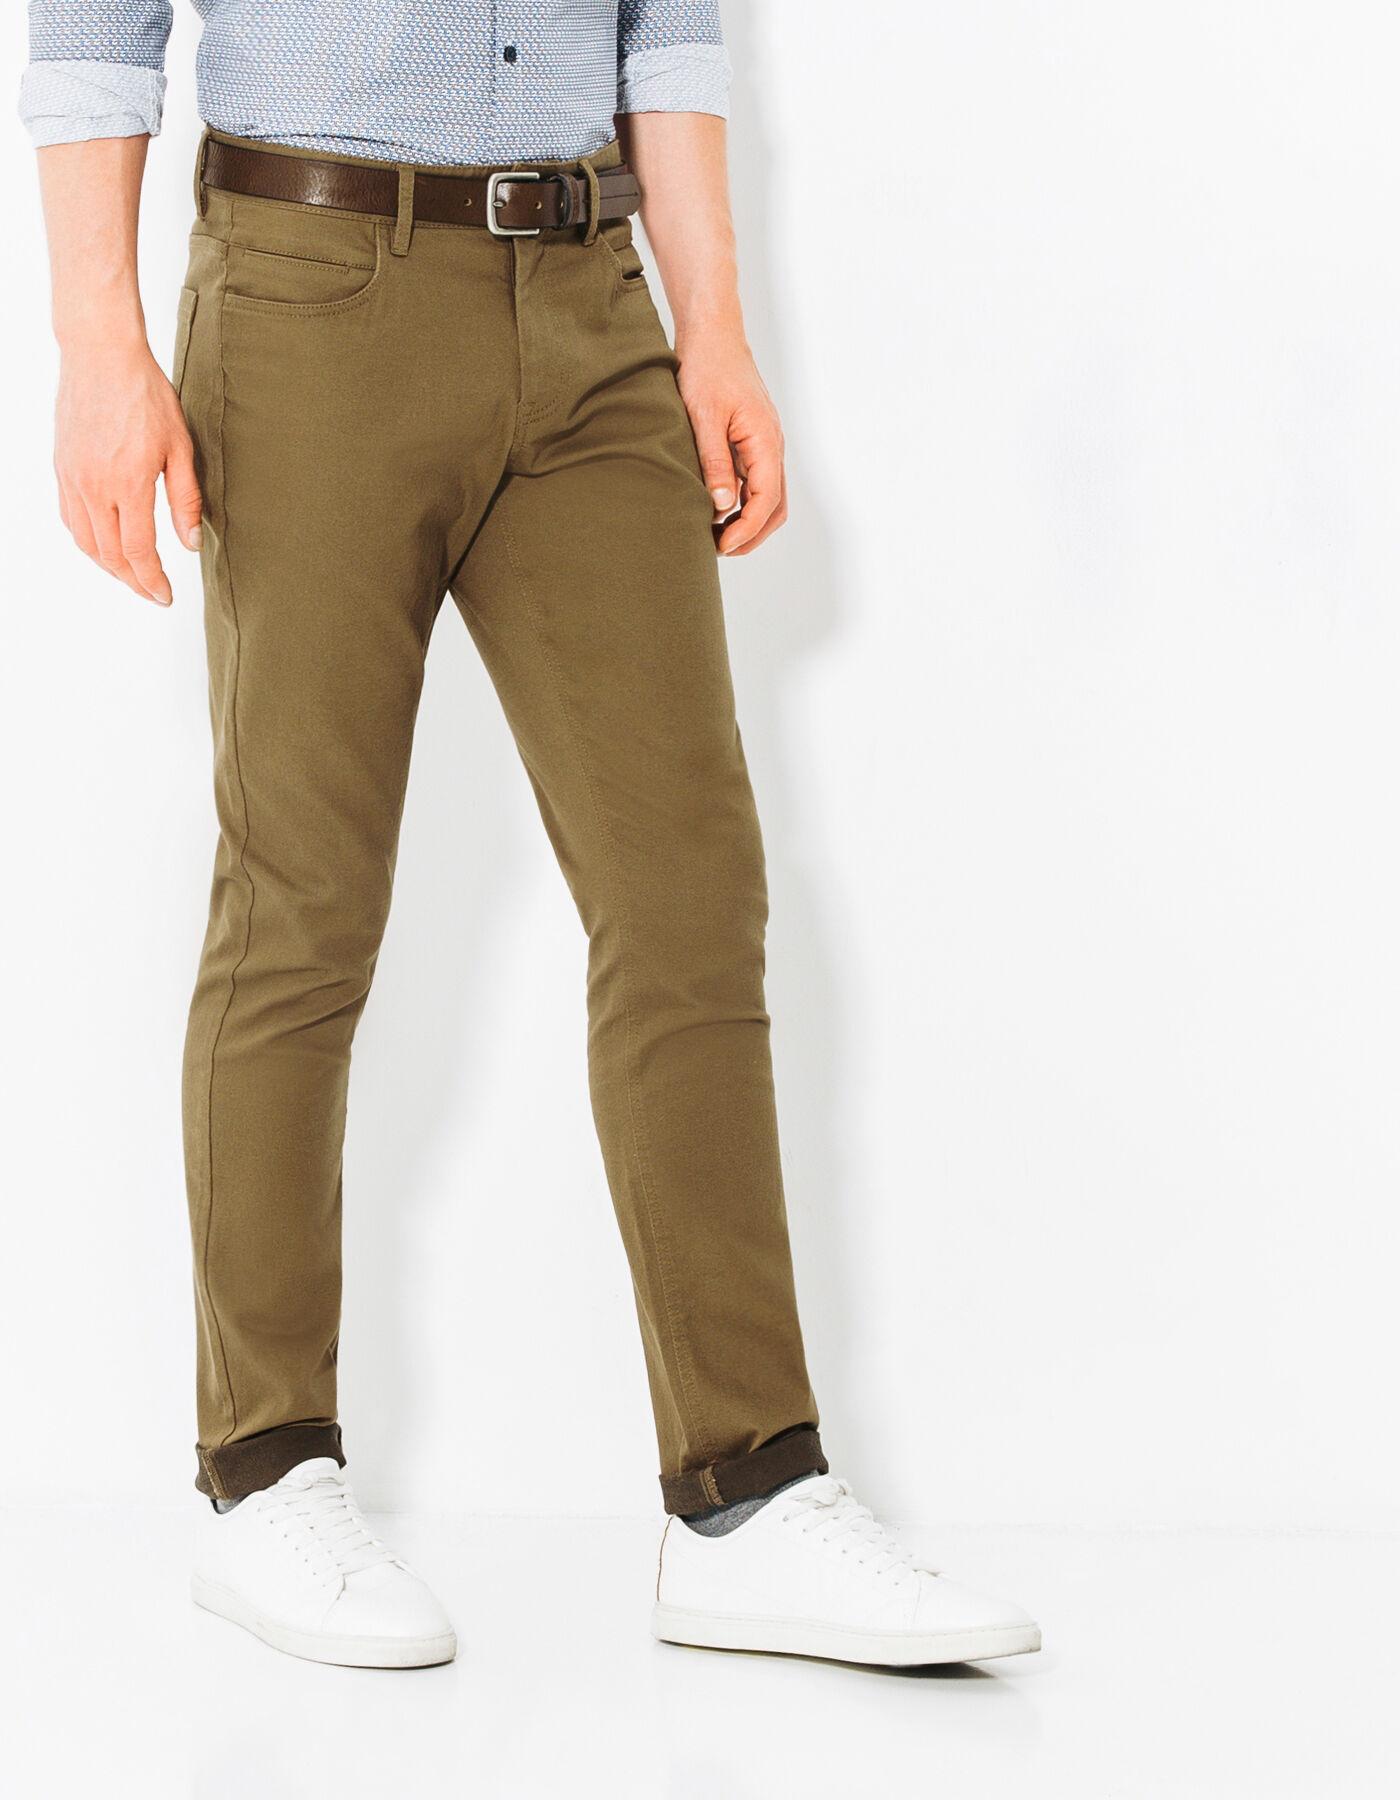 pantalon 5 poches slim camel homme jules. Black Bedroom Furniture Sets. Home Design Ideas